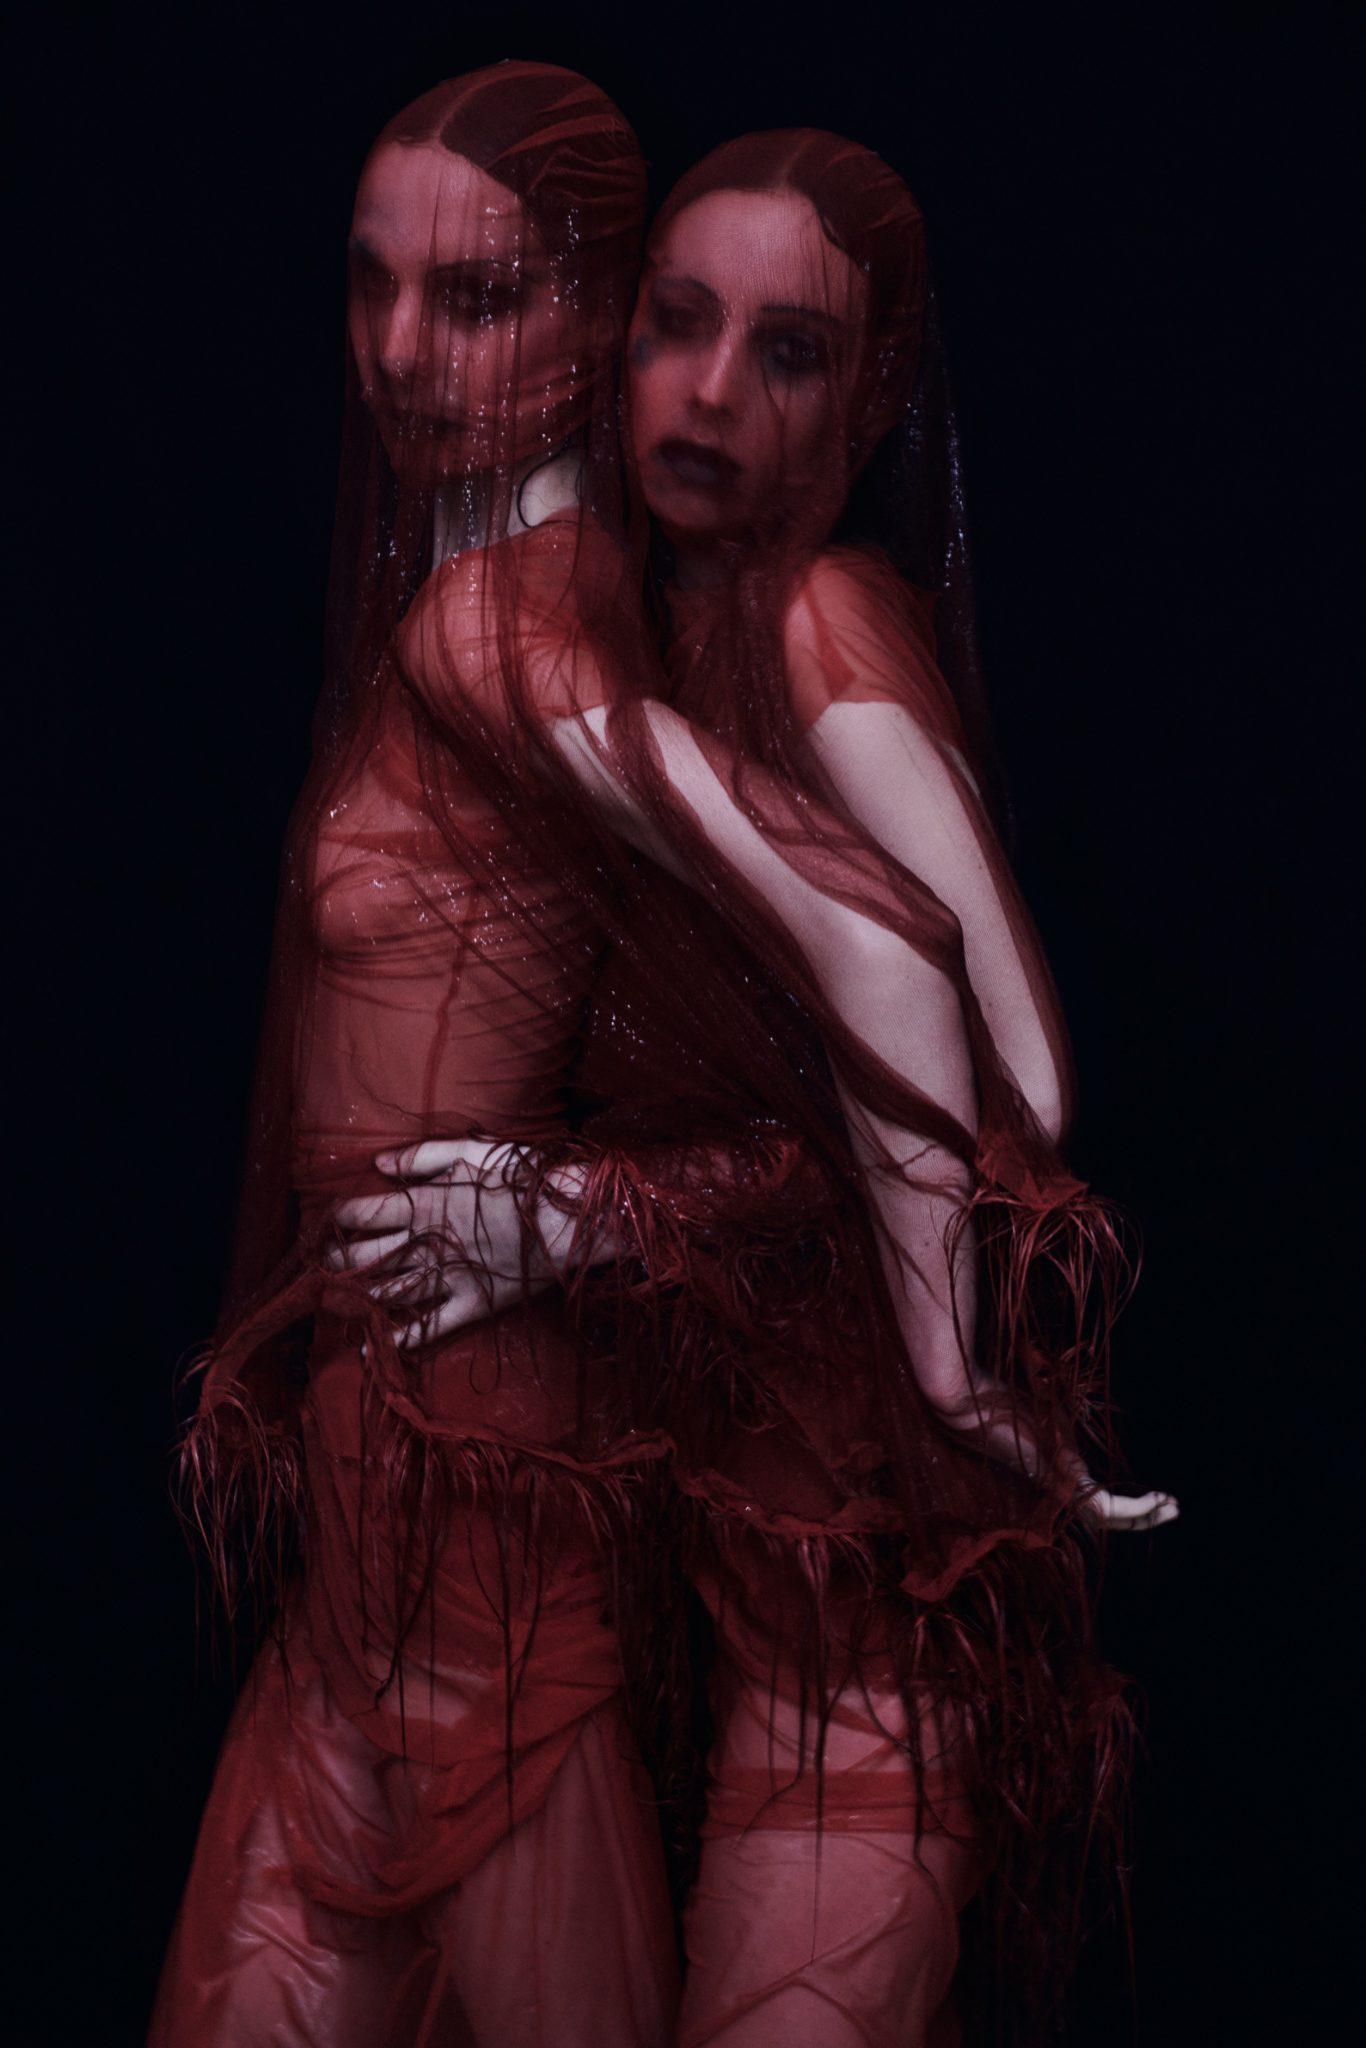 De SS21-collectie van Maison Margiela biedt stijlvolle inspiratie voor Halloween - 10